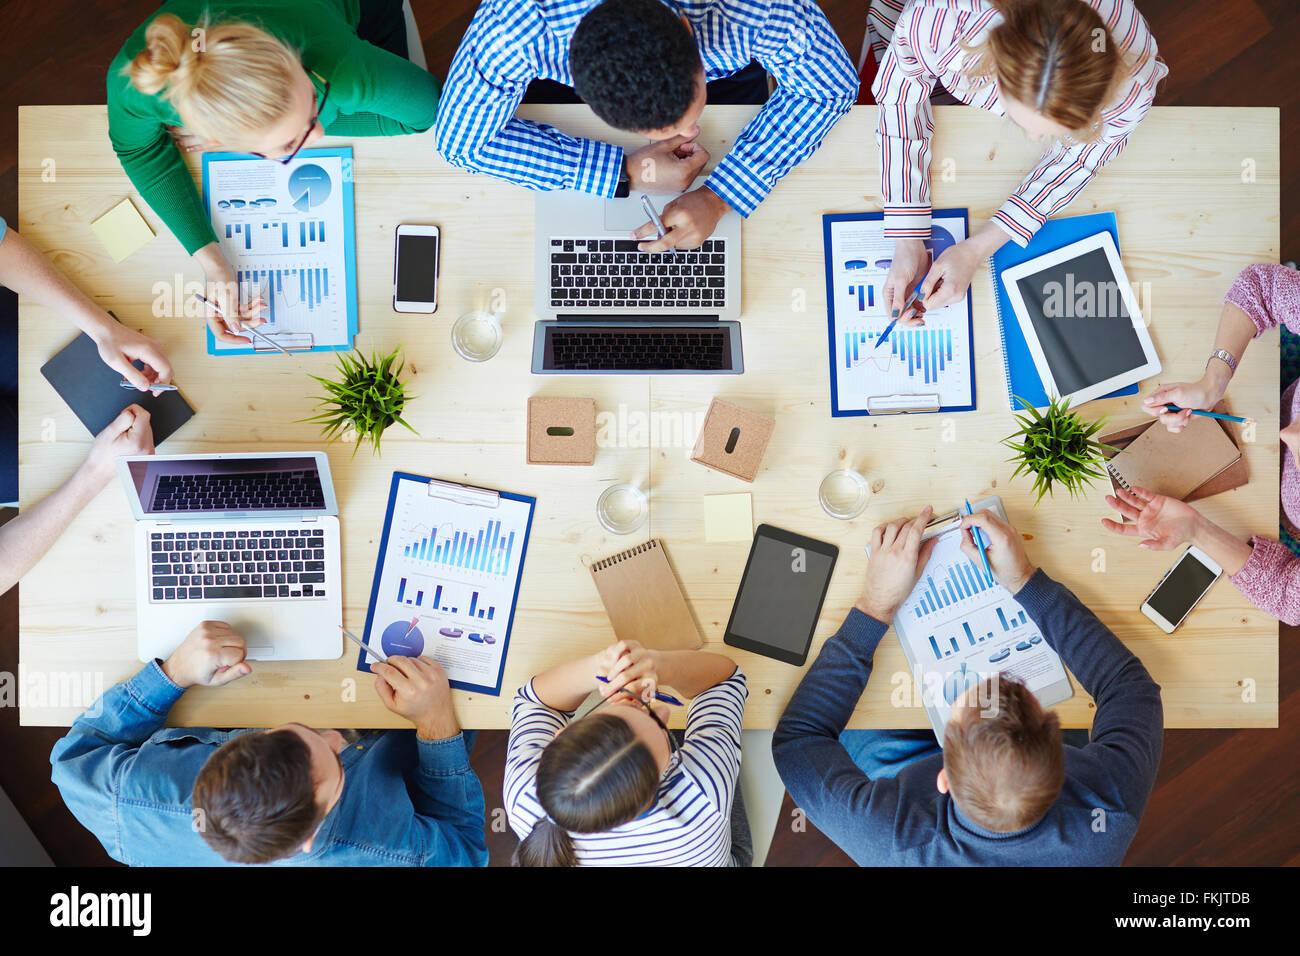 Vista anterior del equipo empresarial sentados alrededor de la mesa y trabajar Imagen De Stock